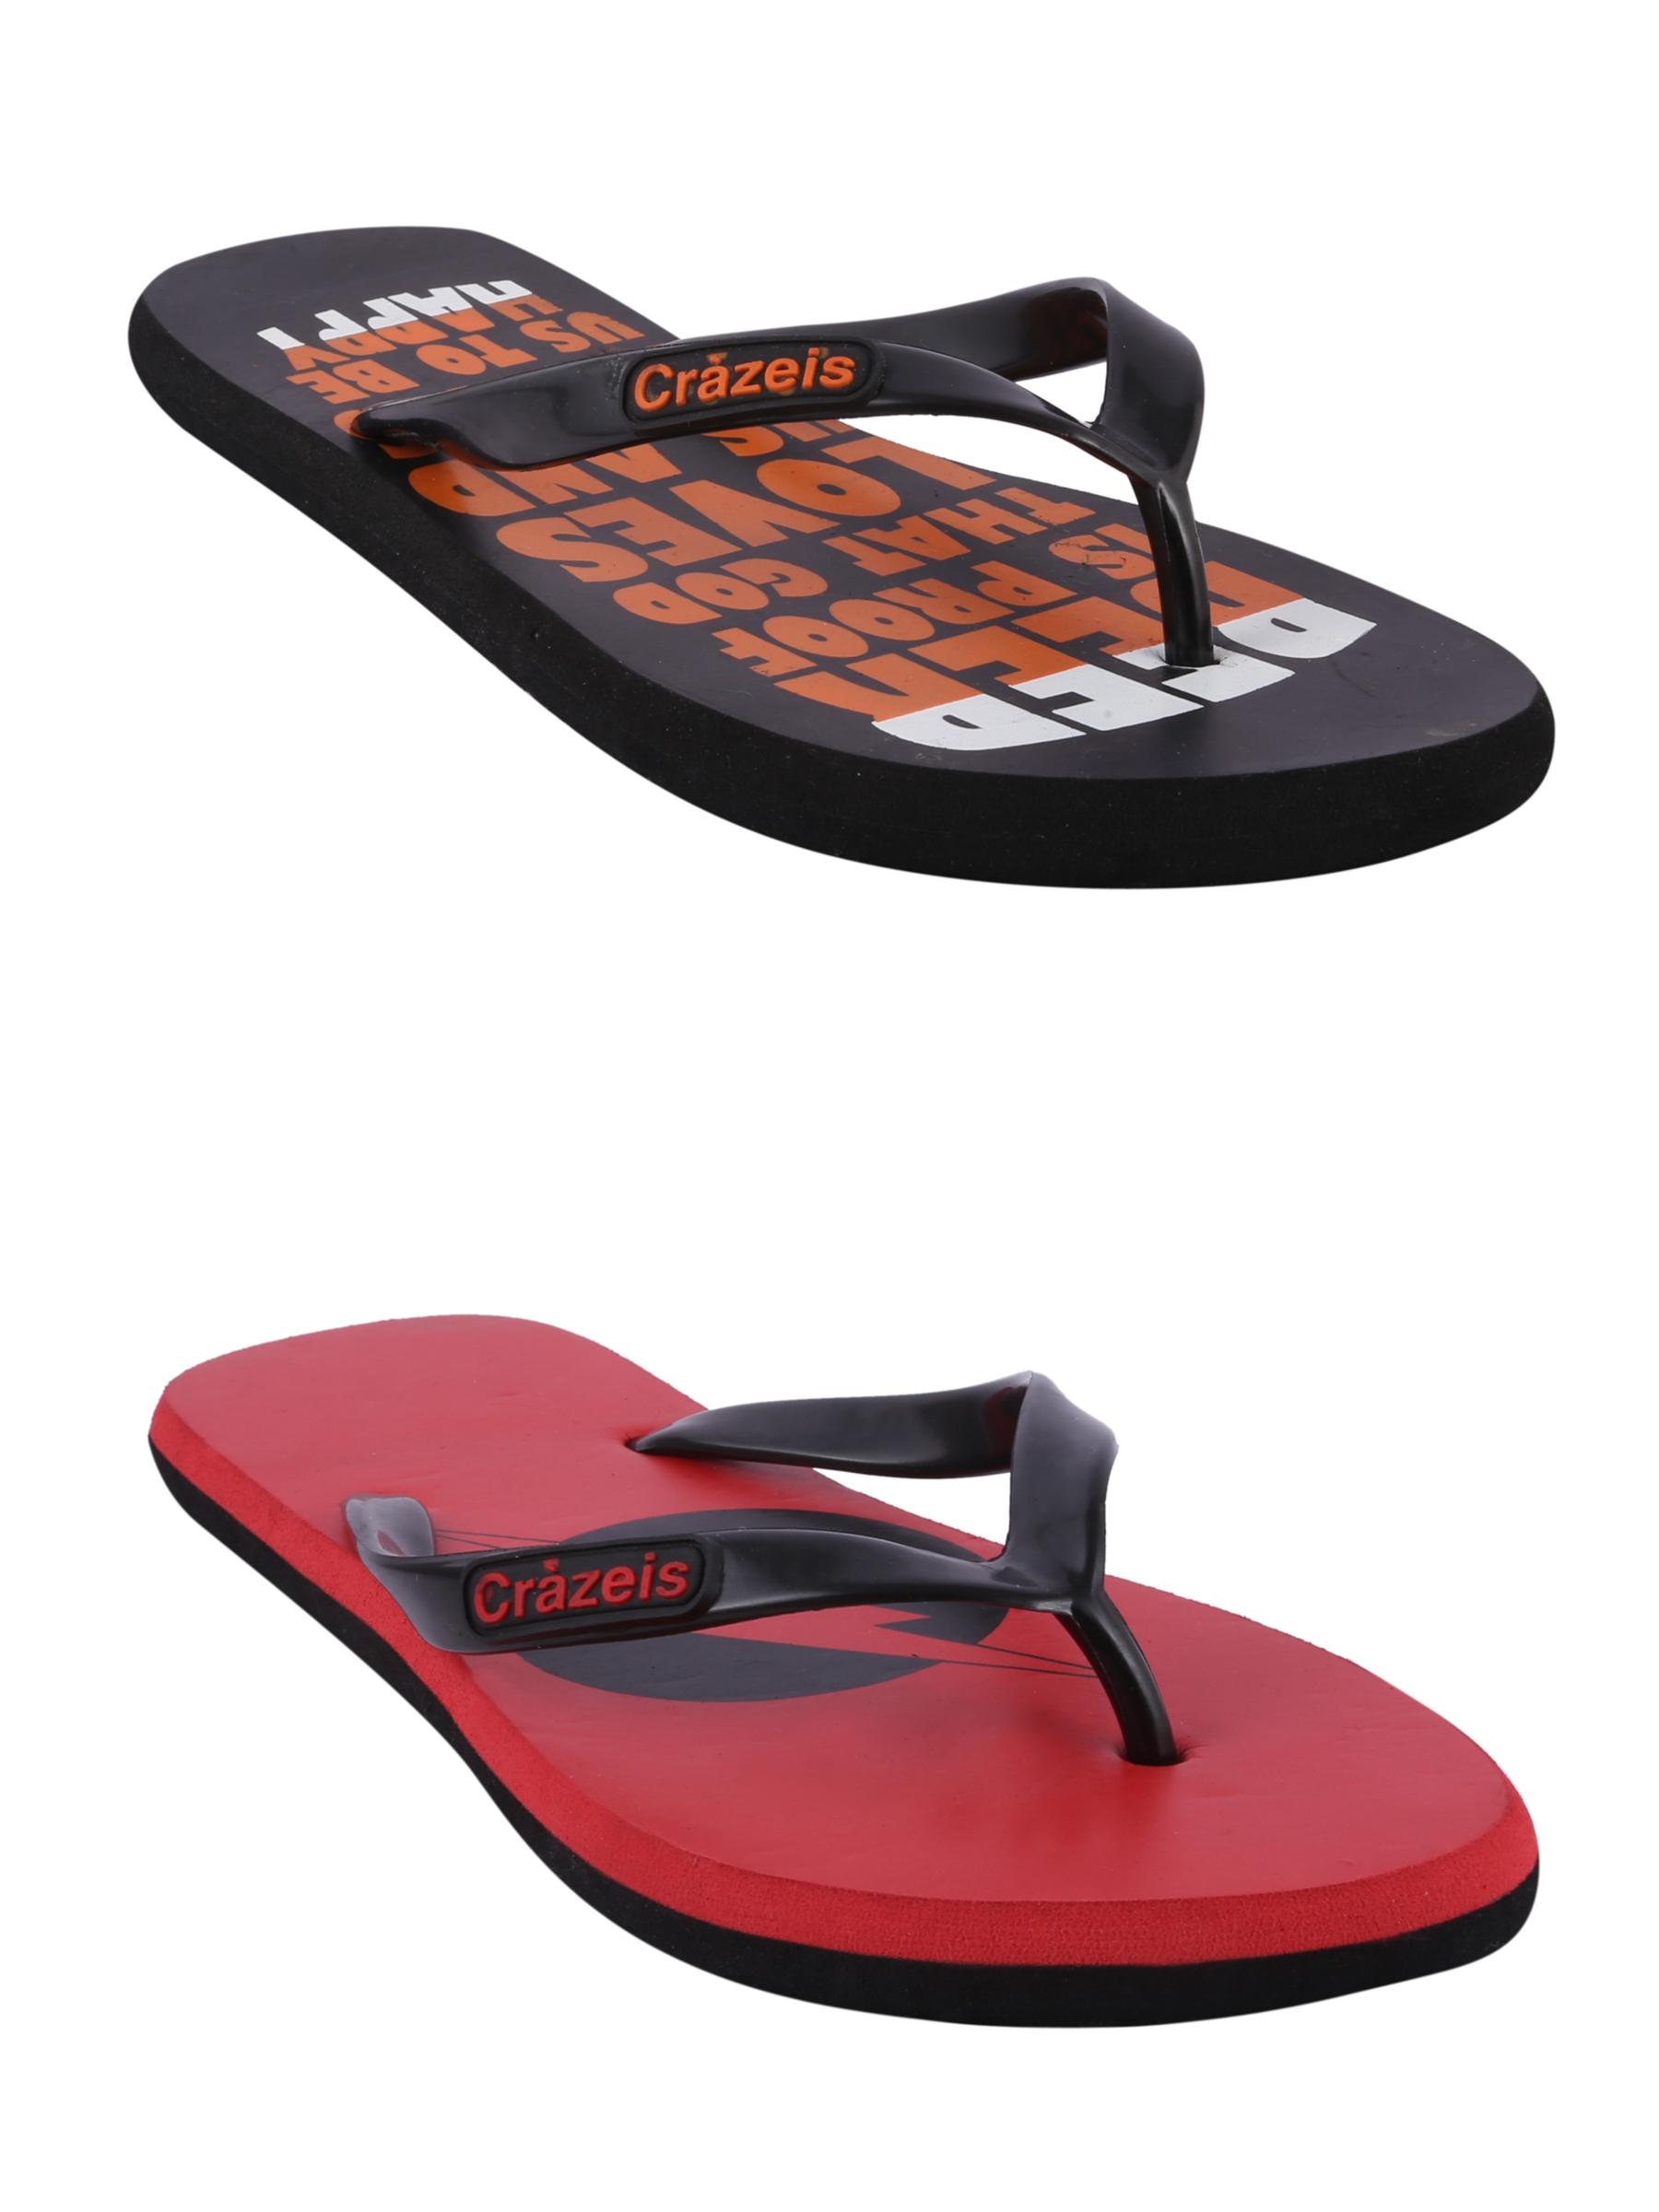 crazeis2 Crazeis Flip-flops Pack Of 2 For Men-030